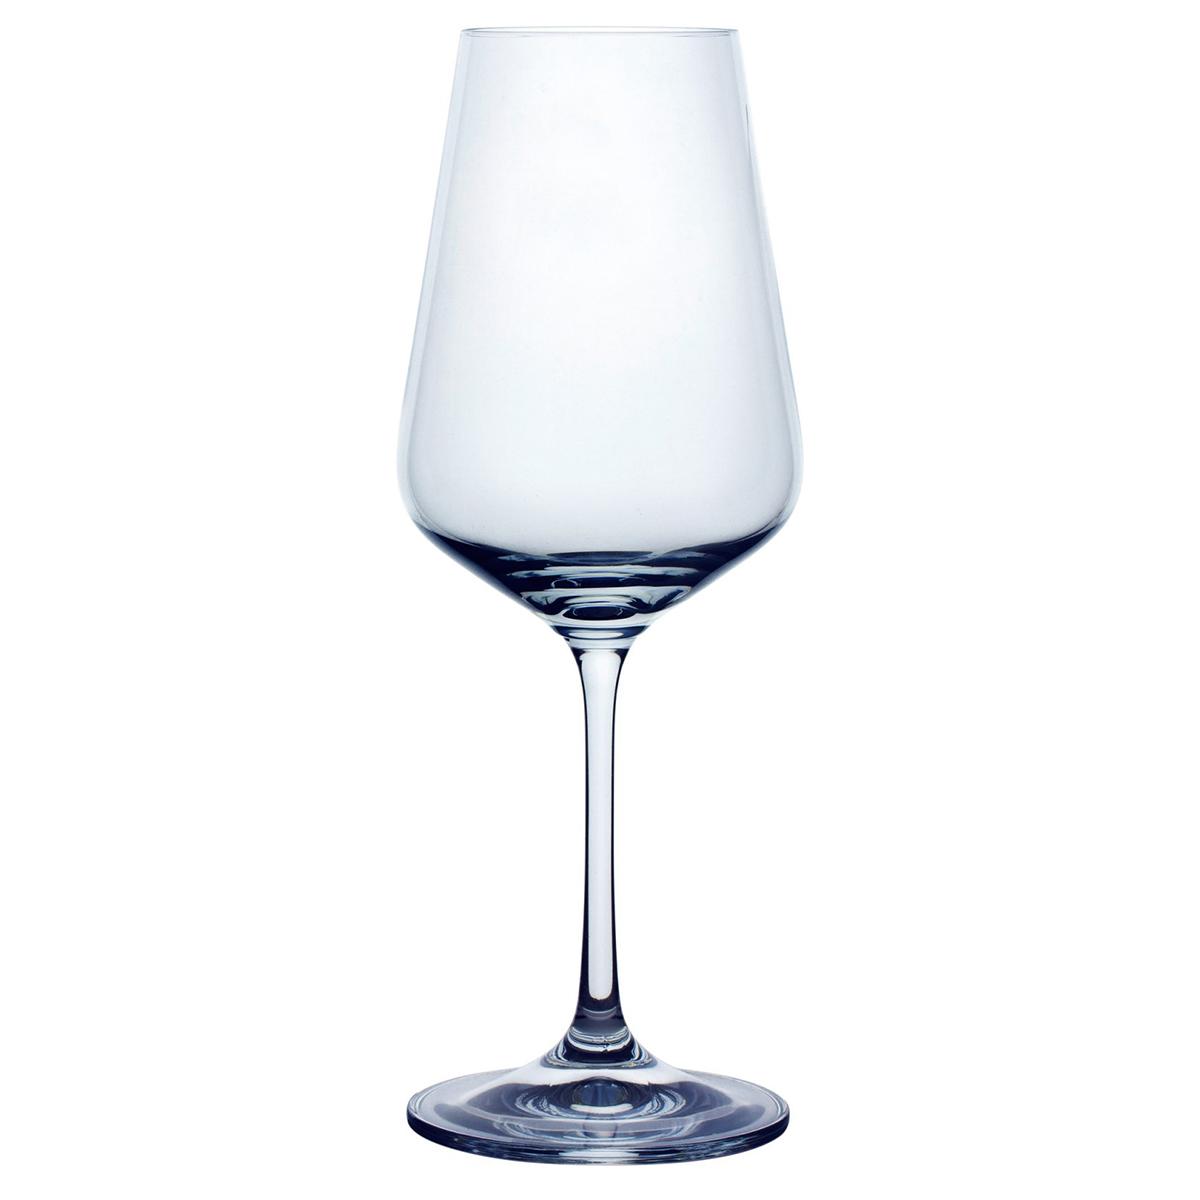 """Бокалы для вина Bohemia Crystal коллекции """"Сандра"""" порадуют не только вас, но и ваших гостей. Они обладают привлекательным внешним видом, а материалом их изготовления является высококачественное хрустальное стекло. Кроме того, красоту бокала подчеркивает элегантная форма ножки. Объем бокала 550 мл. Количество в упаковке 6 шт."""